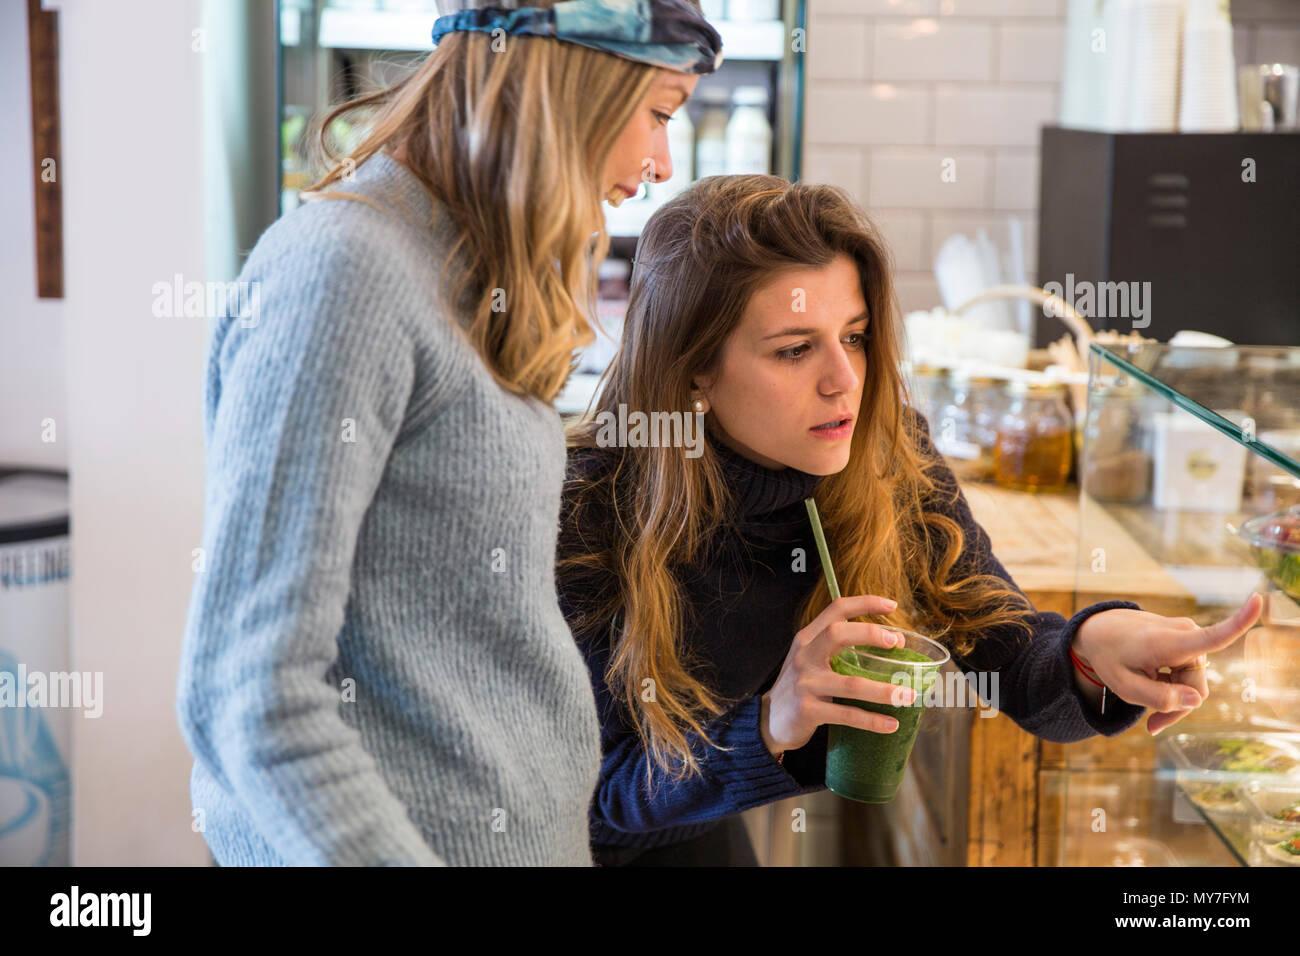 Junge Frau und Freund auf frische Lebensmittel Vitrine im Cafe Stockbild